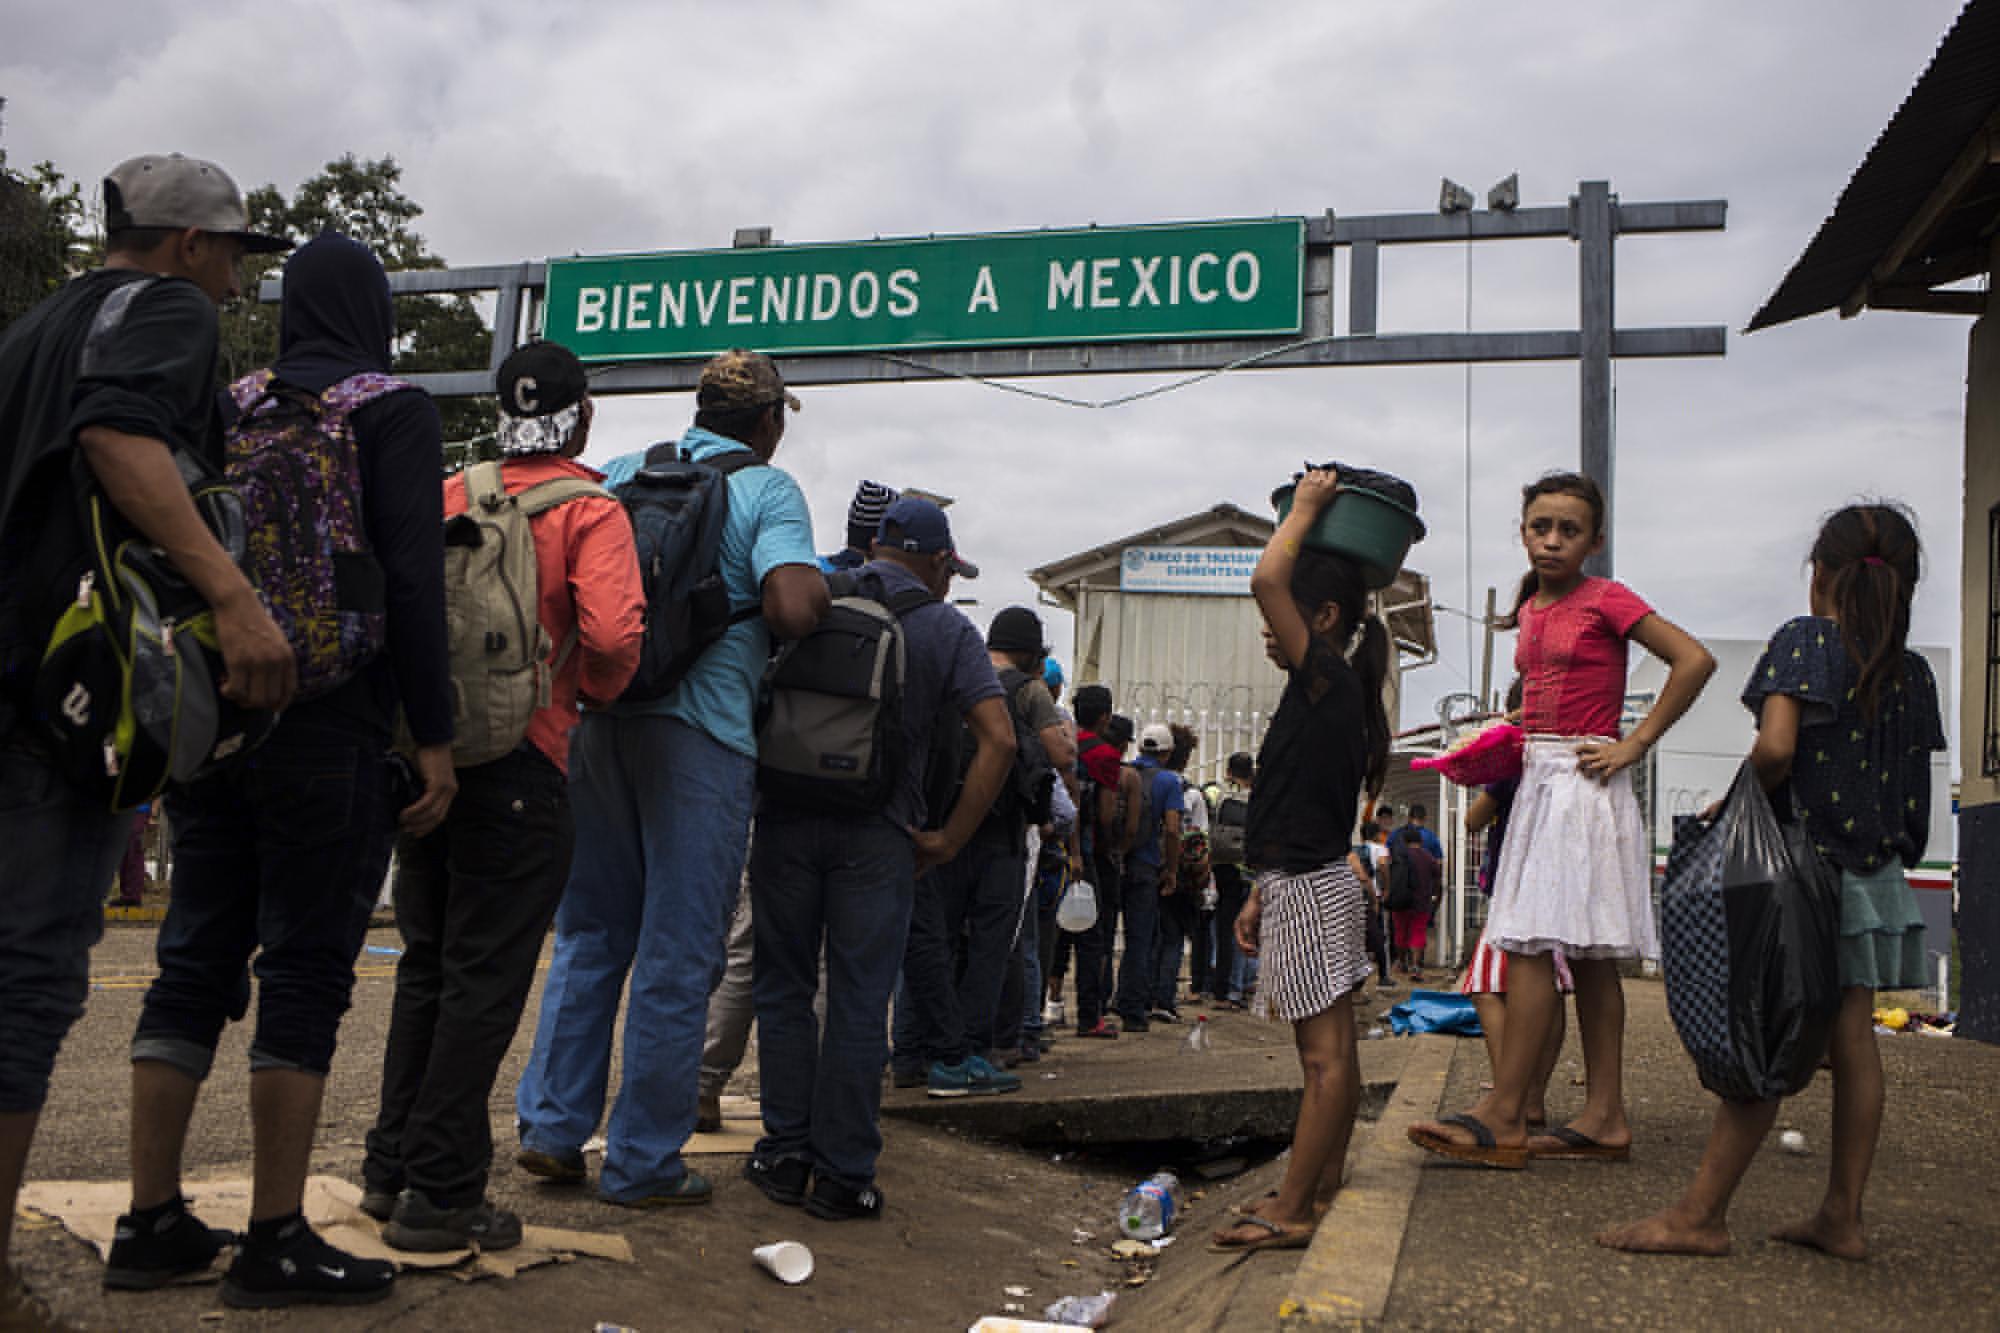 A las 11:57 de la mañana del 19 de enero, el último grupo de migrantes ingresó a las oficinas del paso fronterizo El Ceibo para registrarse.El gobierno de México les prometía trabajo, y llevarlos a un lugar seguro en el estado de Tabasco. Foto: Víctor Peña.